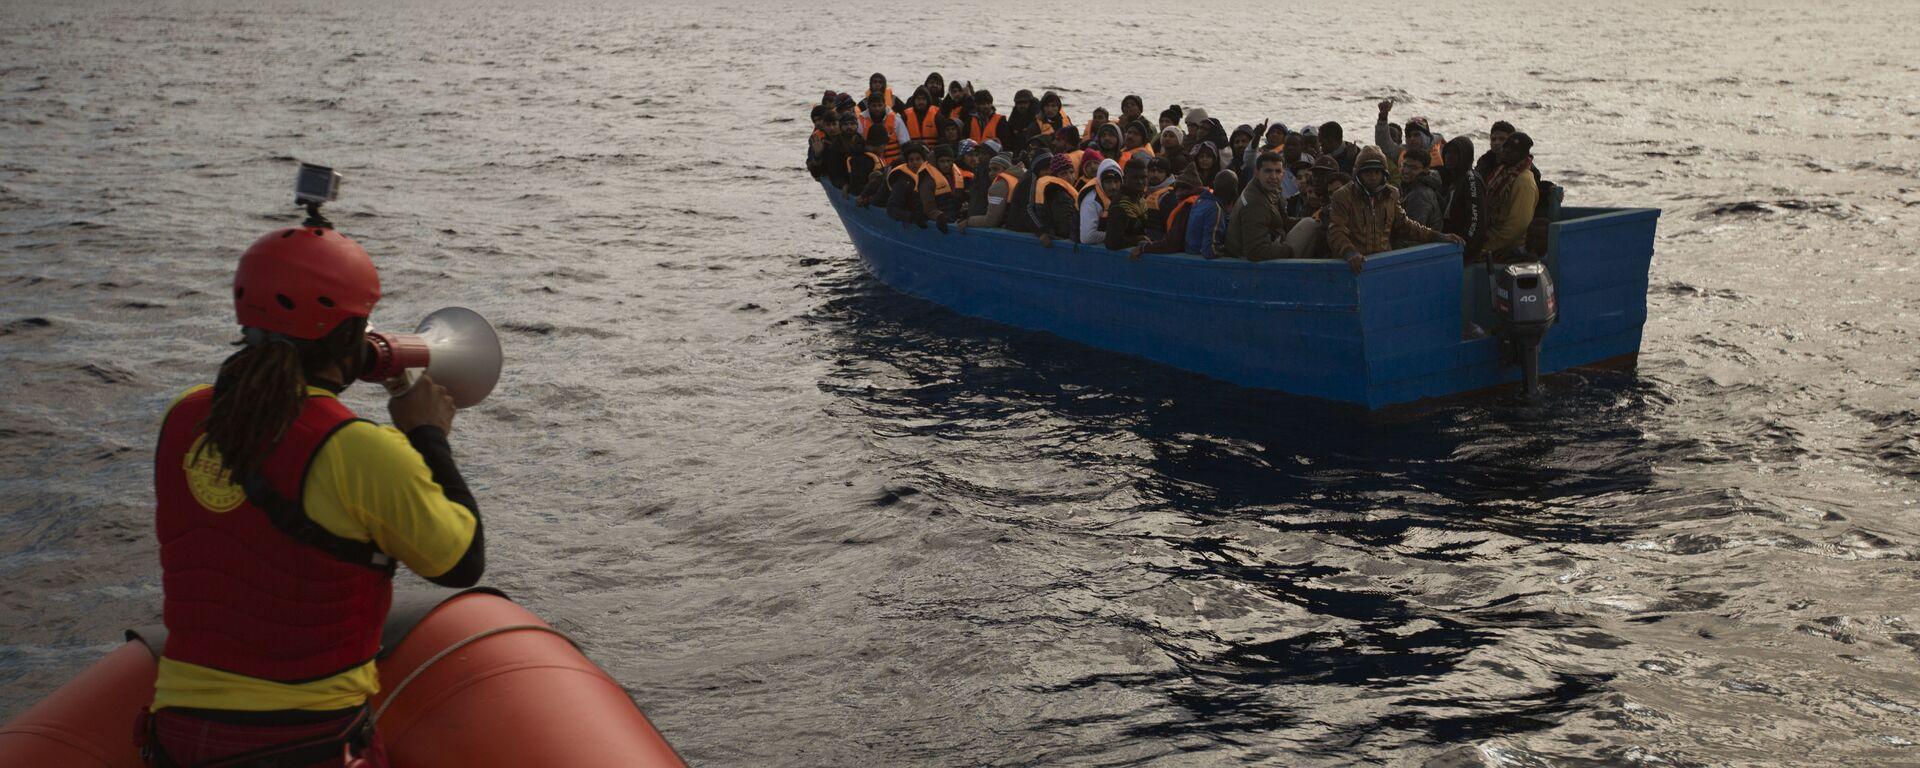 Migranti e rifugiati aiutati dai membri dell'ONG spagnola Proactiva Oper Arms nel mar Mediterraneo nei pressi di Libia (foto d'archivio) - Sputnik Italia, 1920, 20.01.2021